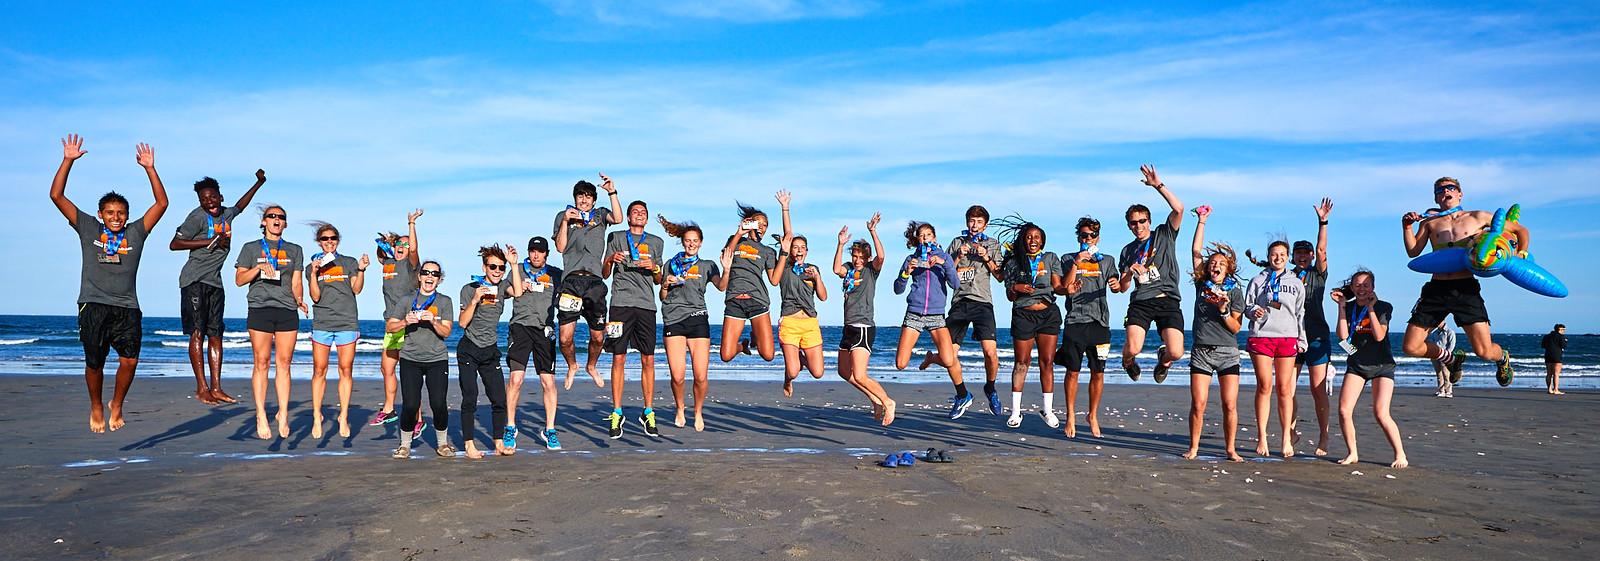 Reach the Beach - 2016    - 39890- 000136-X3.jpg